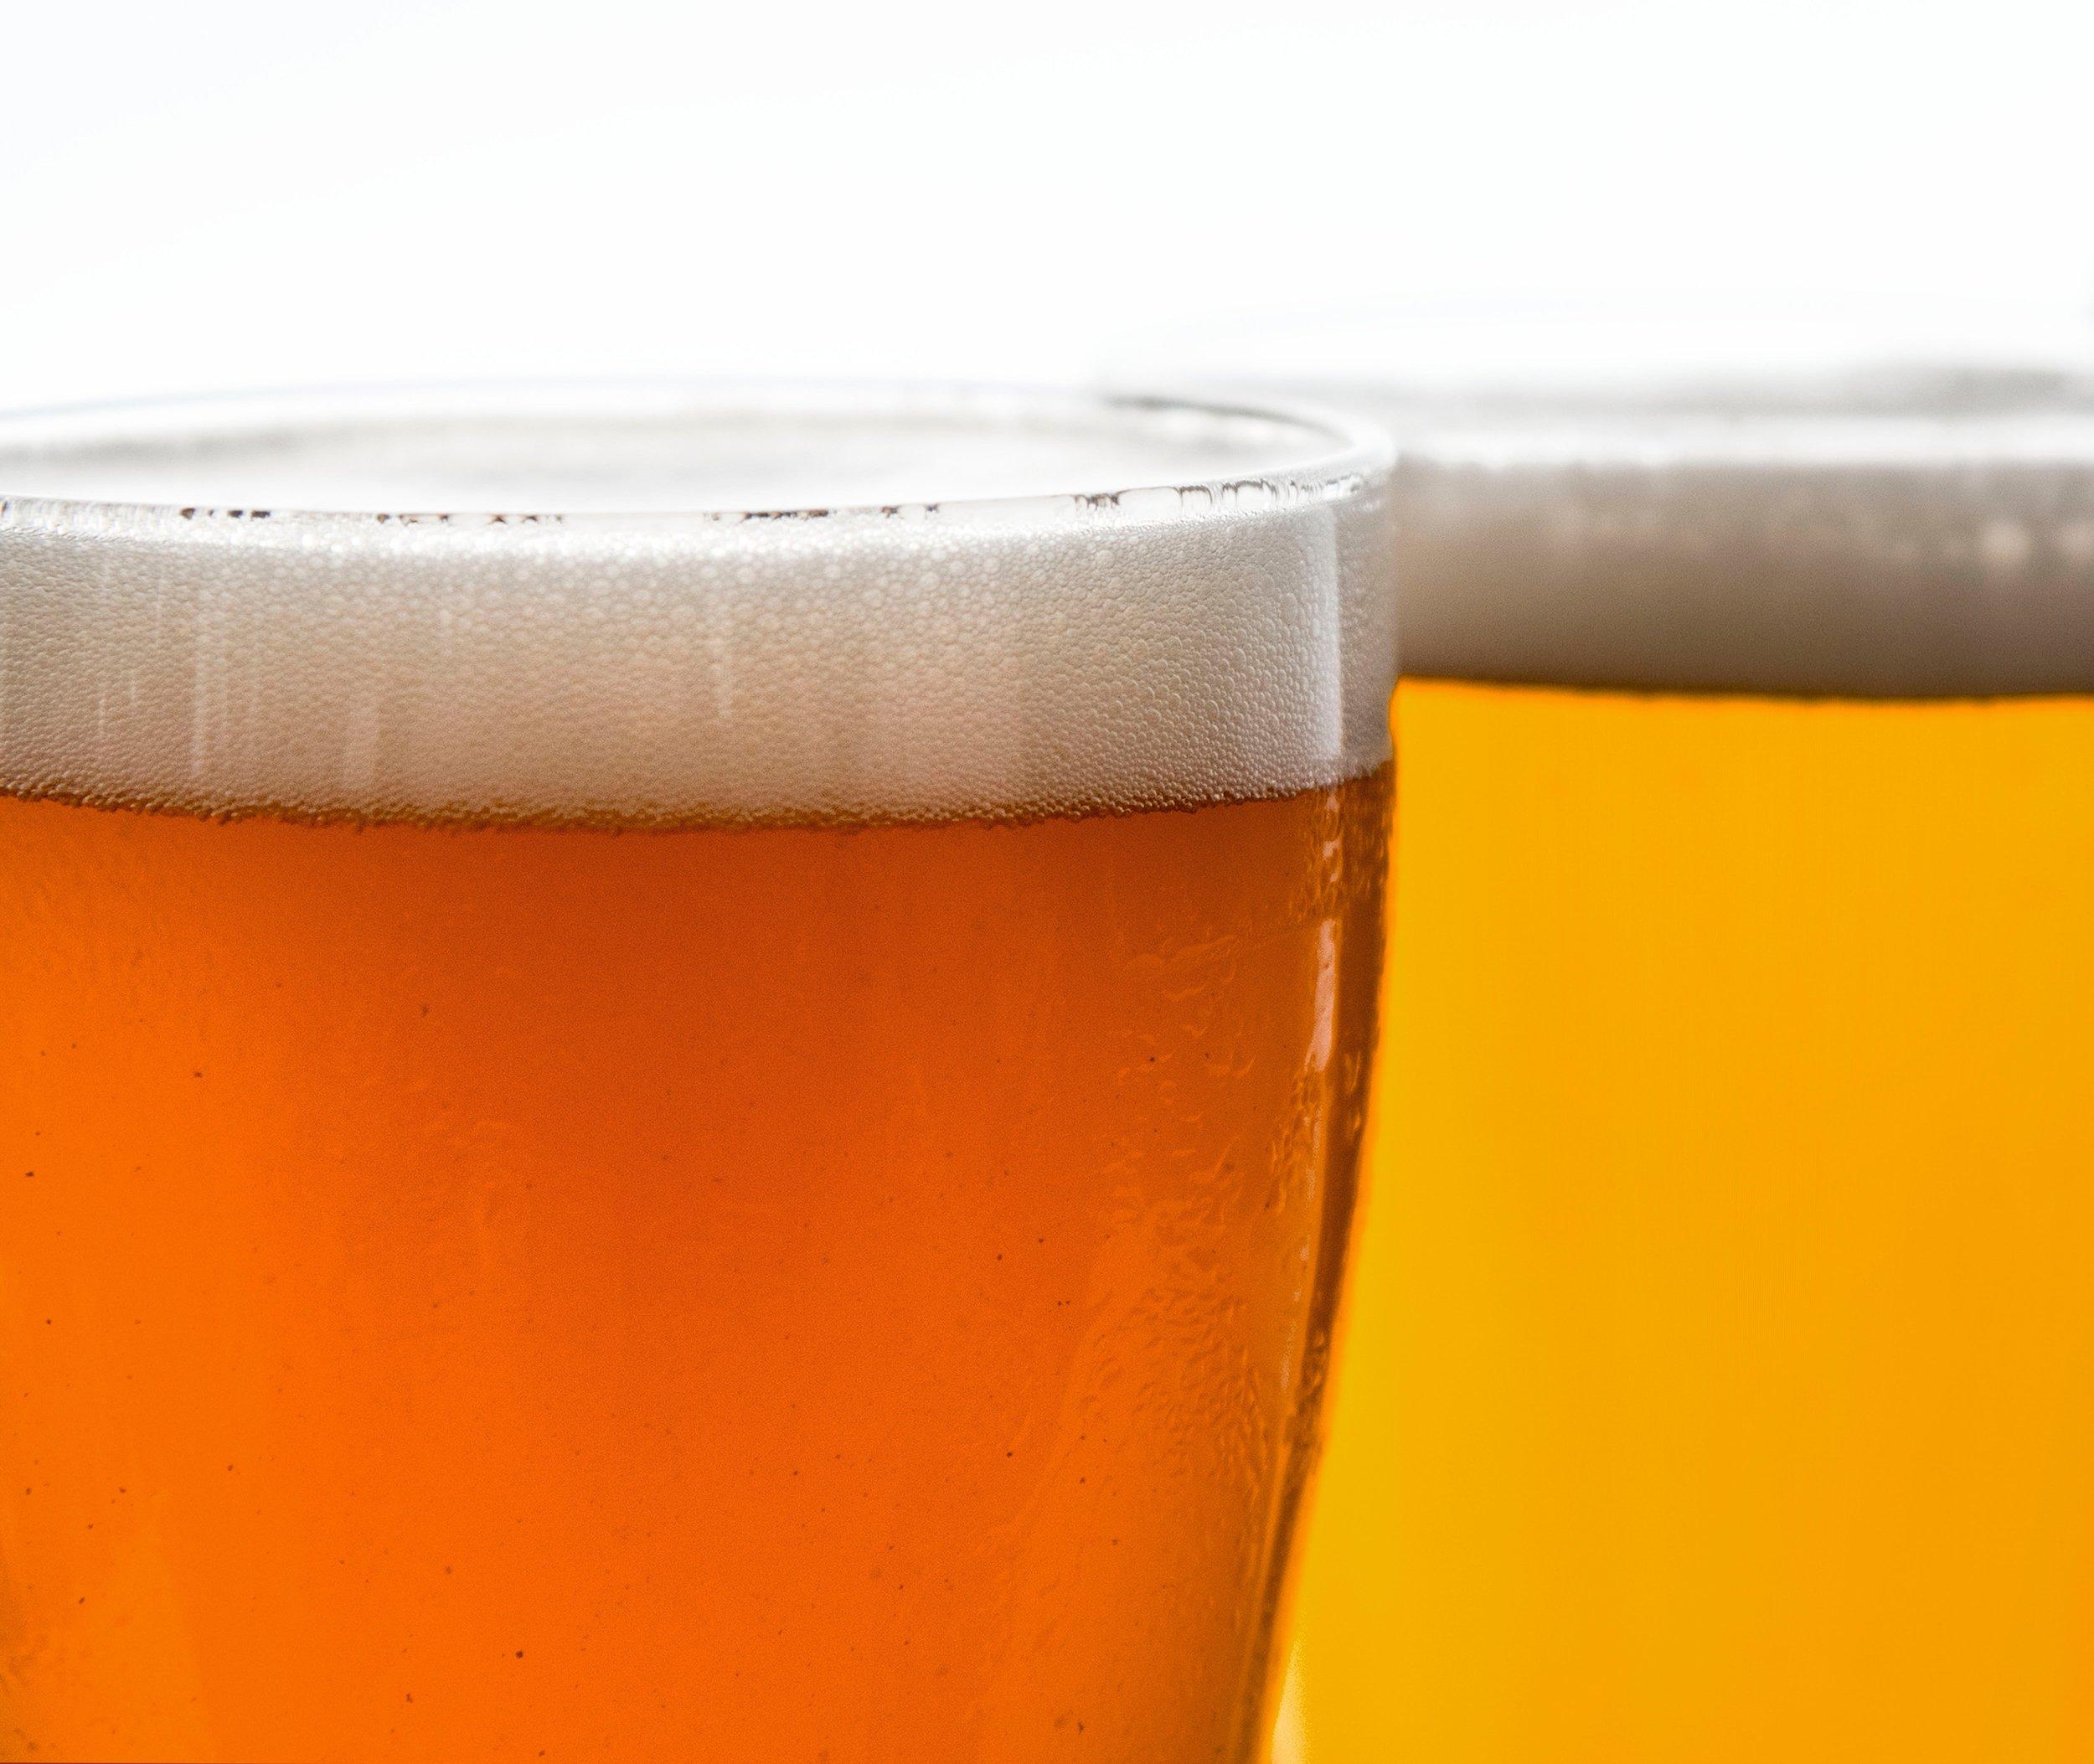 Beers — Industry Brewery